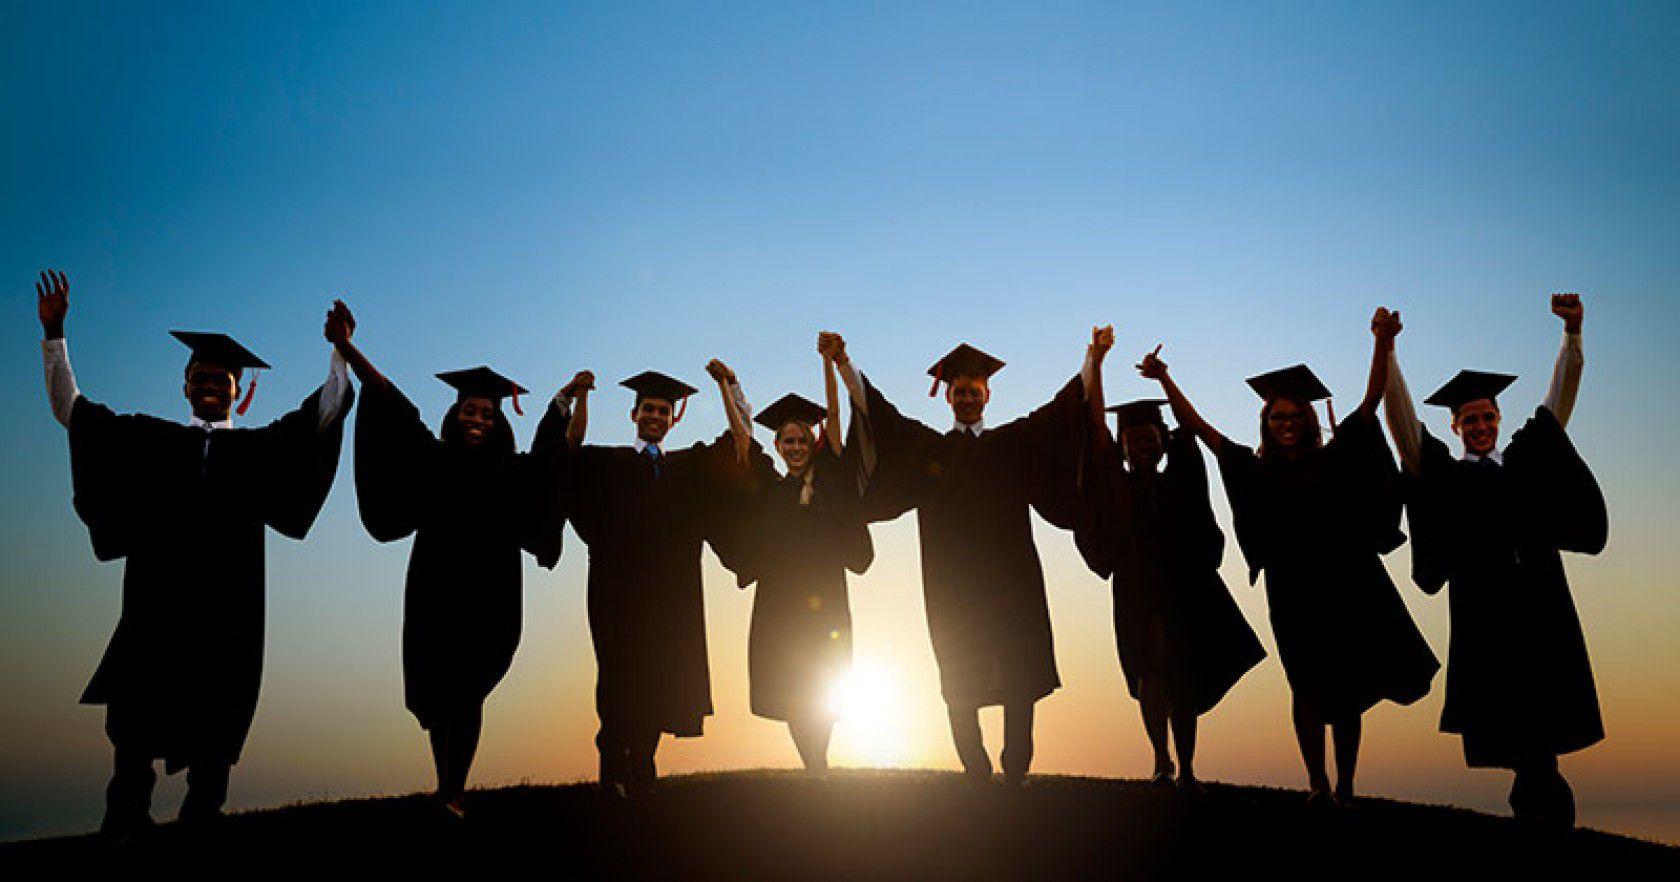 Avustralya'da Kolej Eğitimi Almanın Anahtarı: ISEE Sınavı